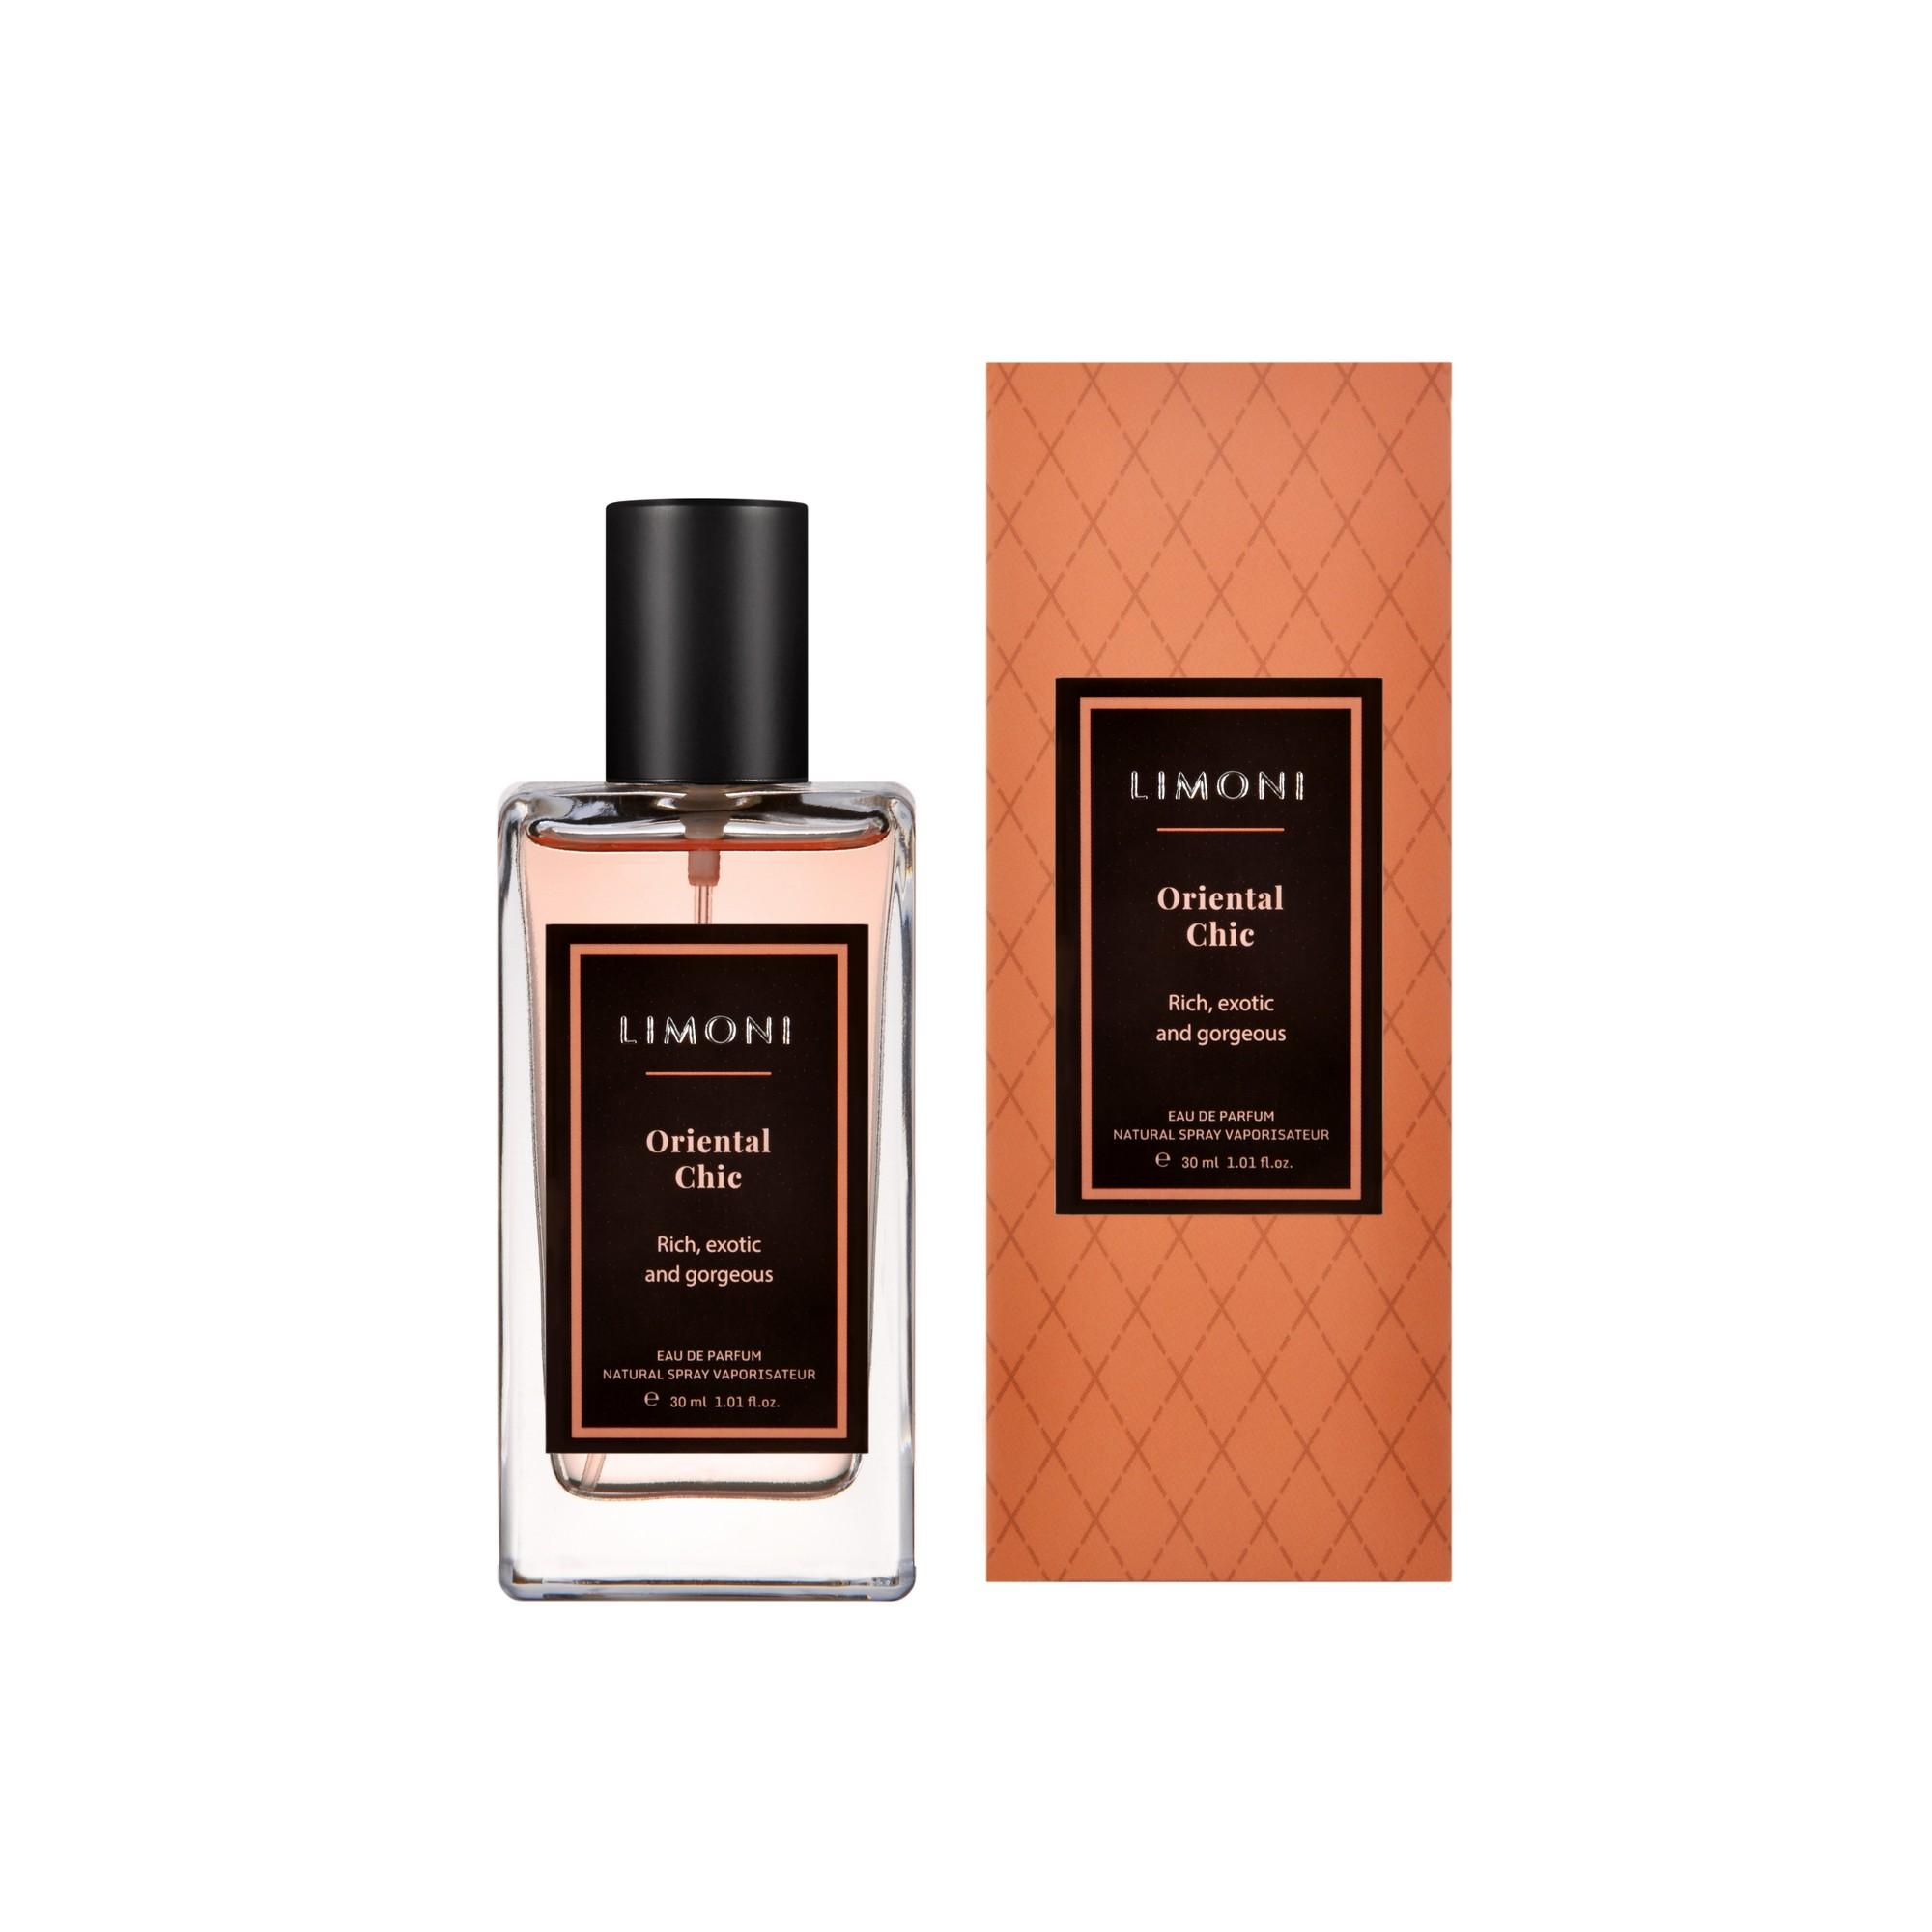 LIMONI Вода парфюмерная Oriental Сhic / LIMONI Eau de Parfum, 30 мл